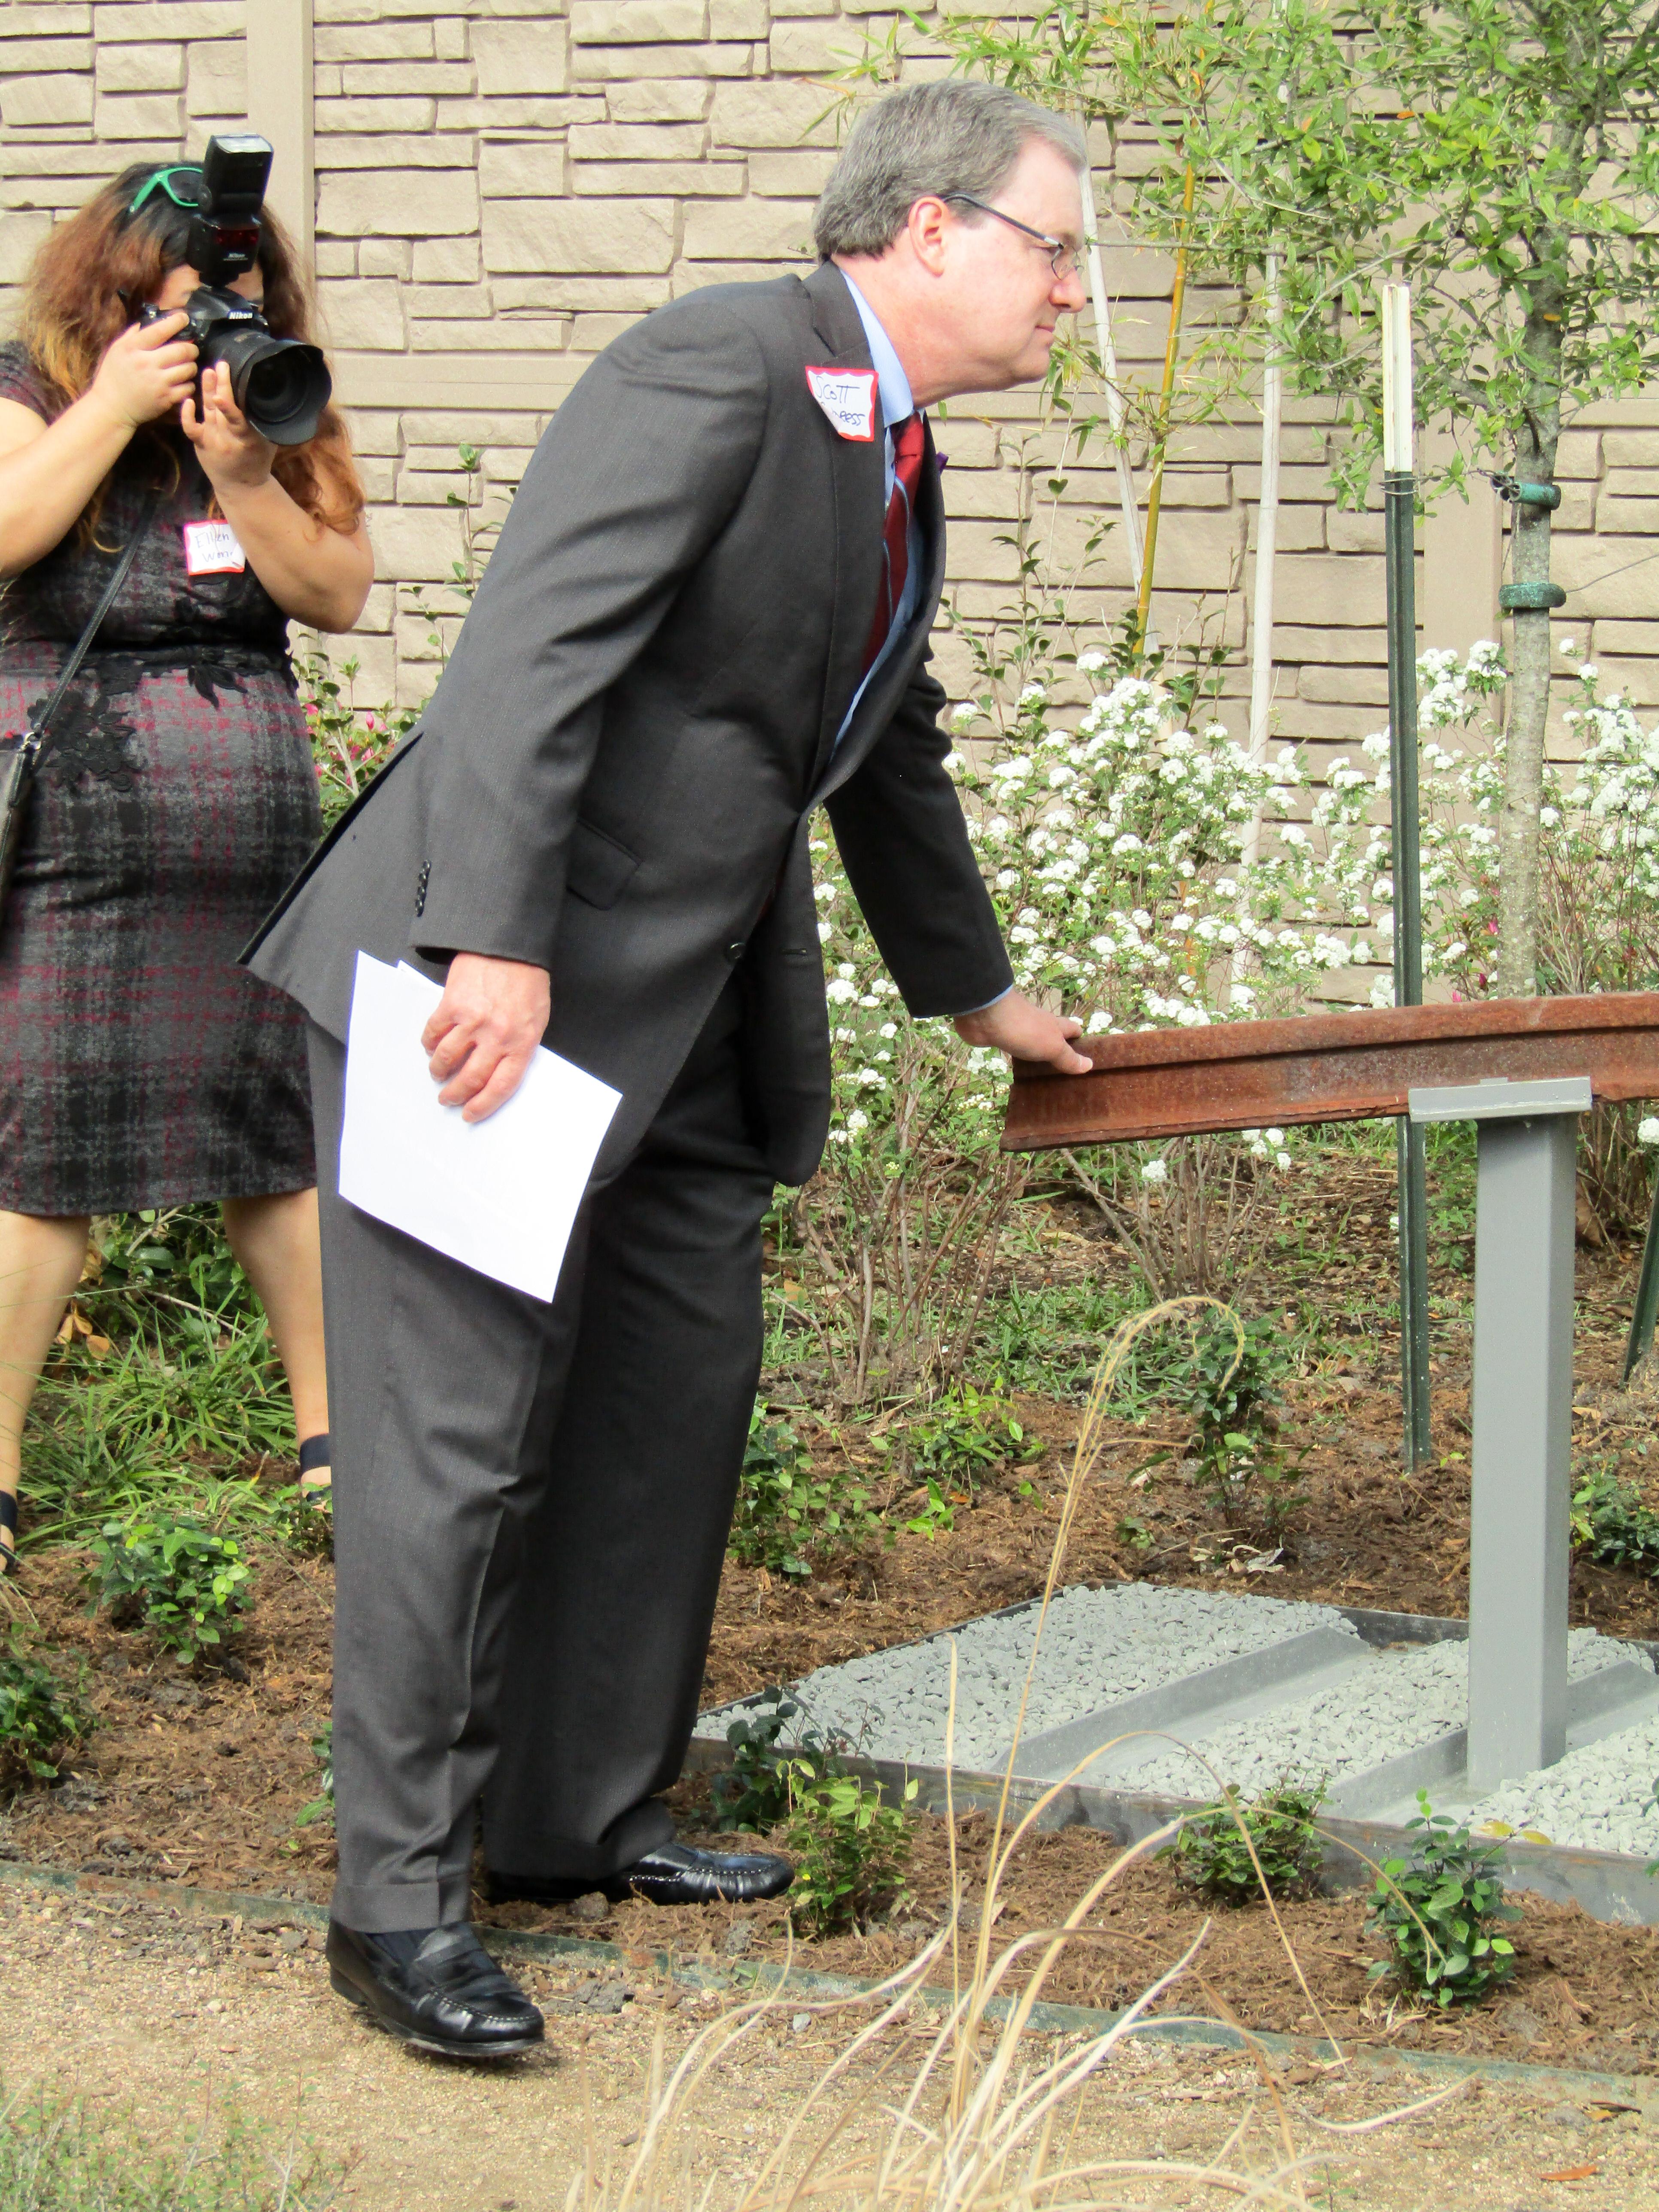 Alzheimer's Association Houston 9-11 Memorial Garden Pastor Scott